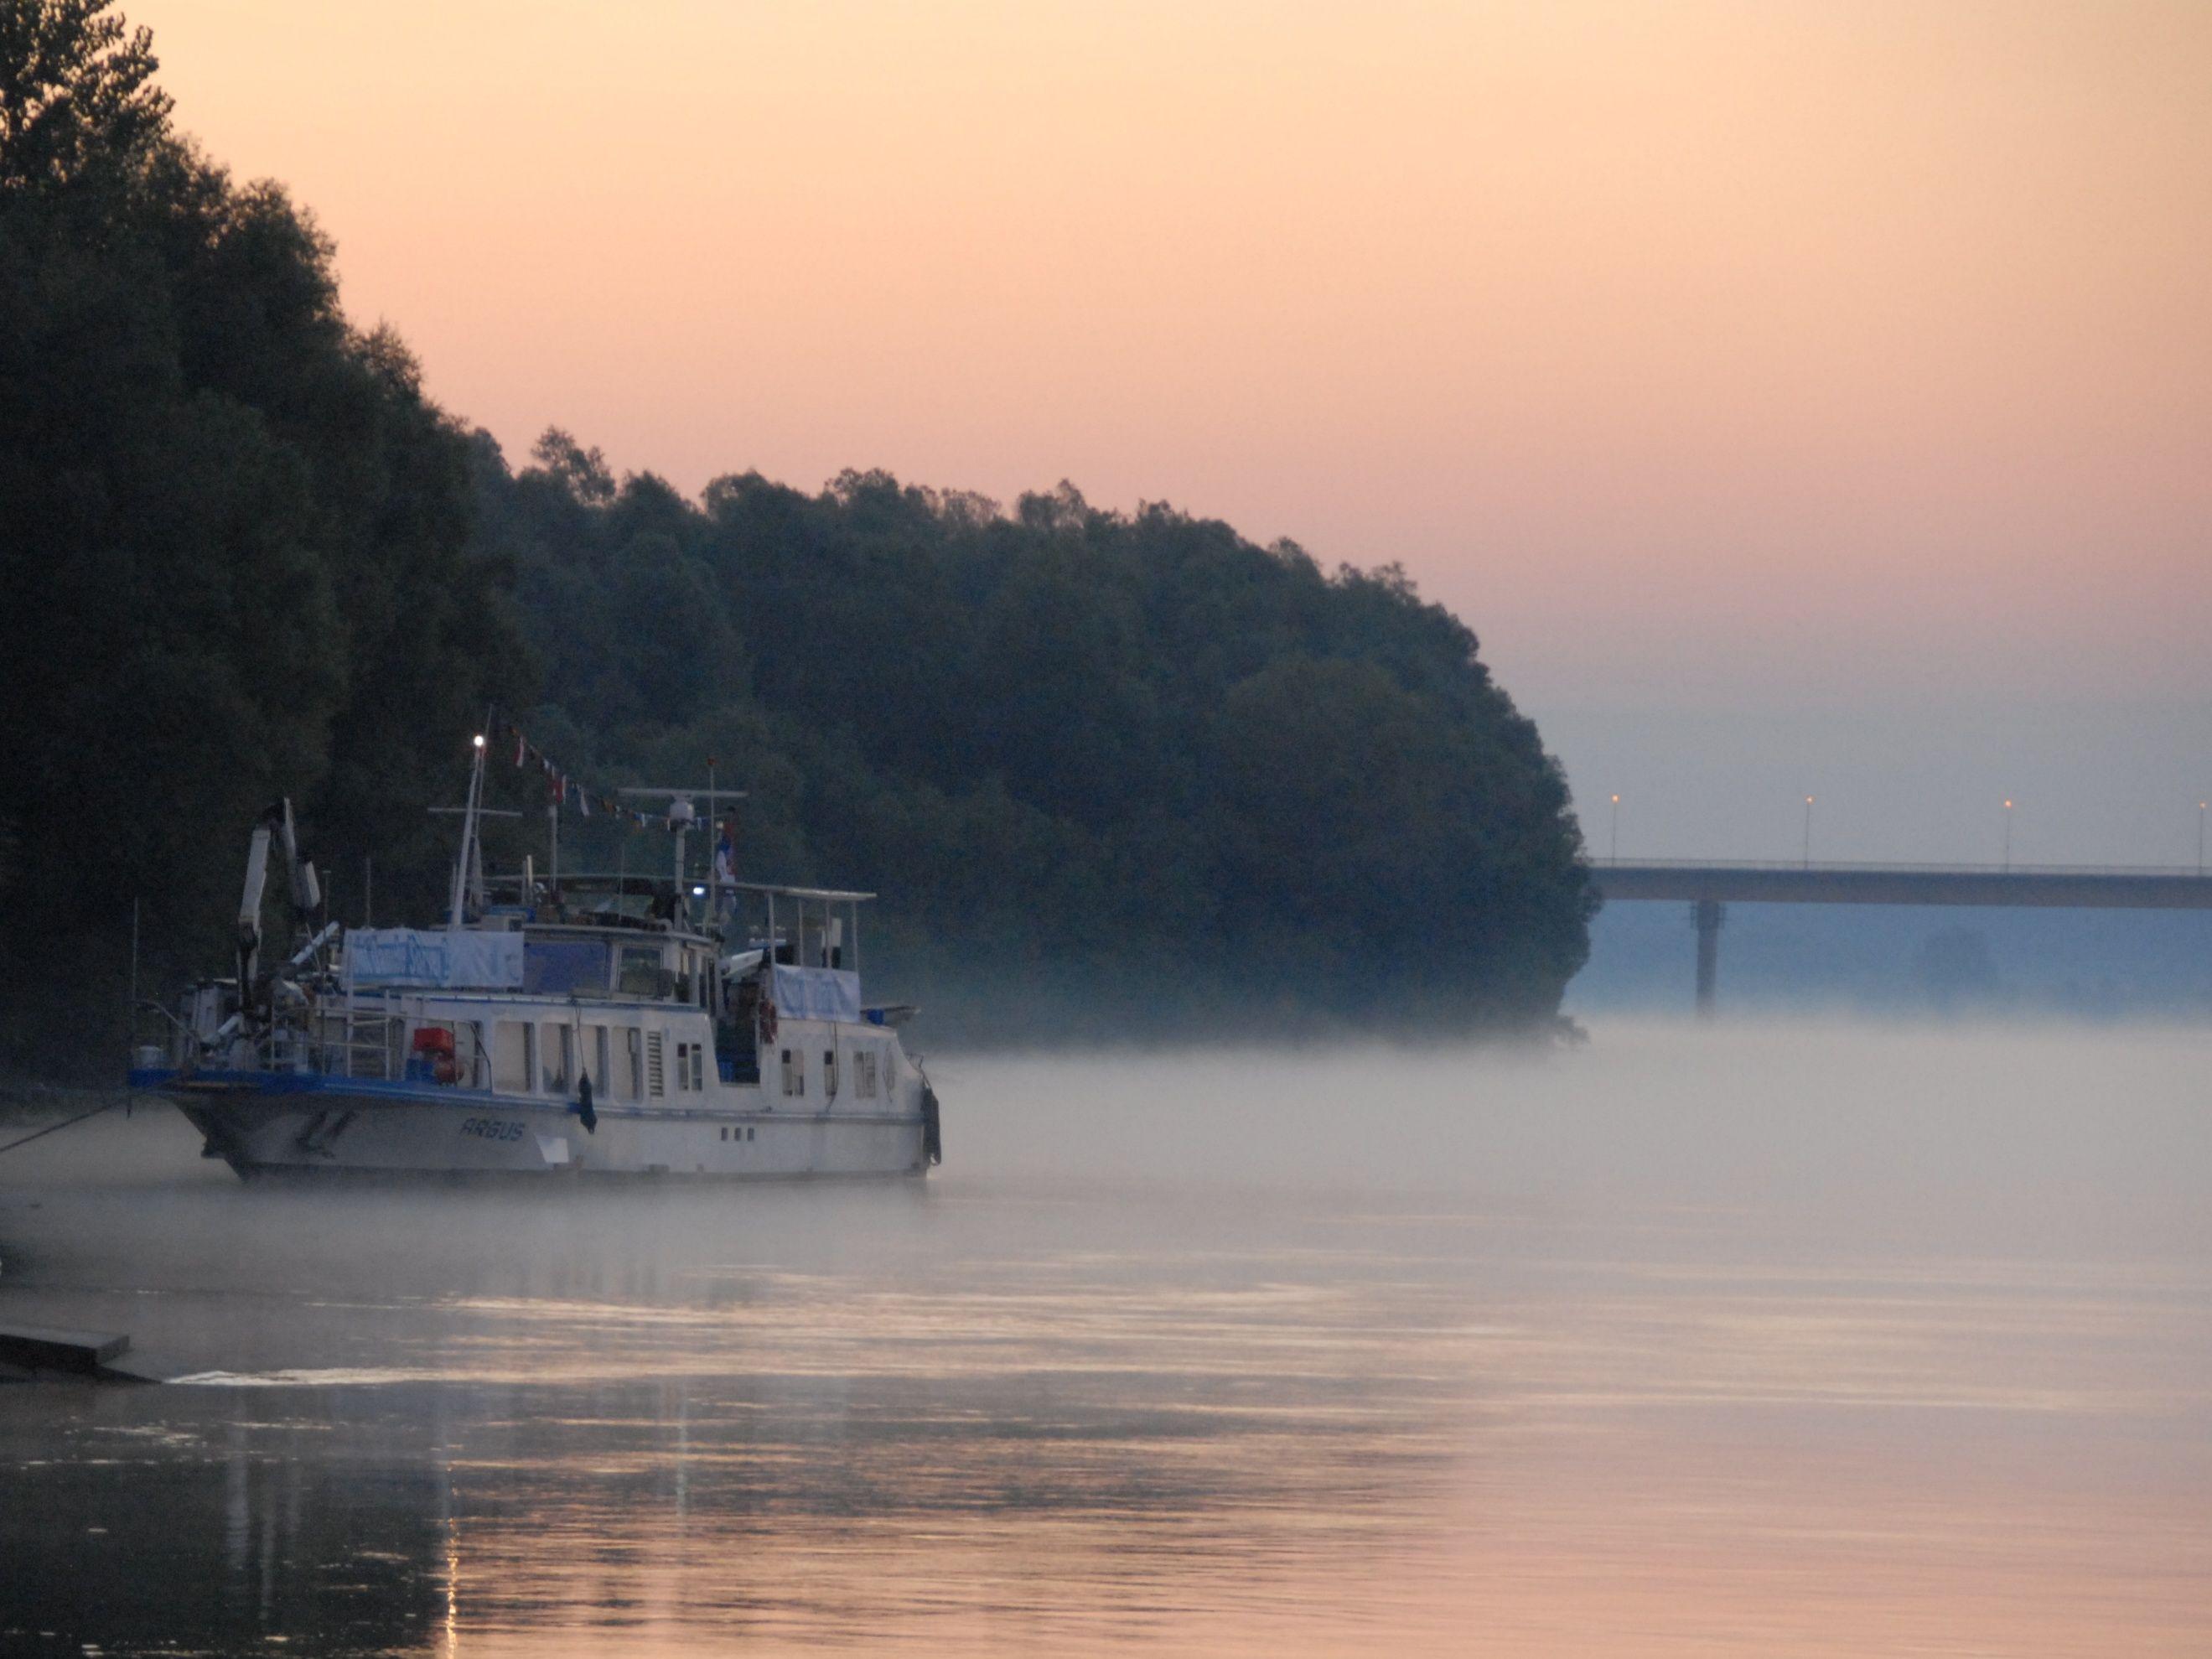 Společný průzkum Dunaje 4 - největší mezinárodní říční expedice roku 2019 se blíží